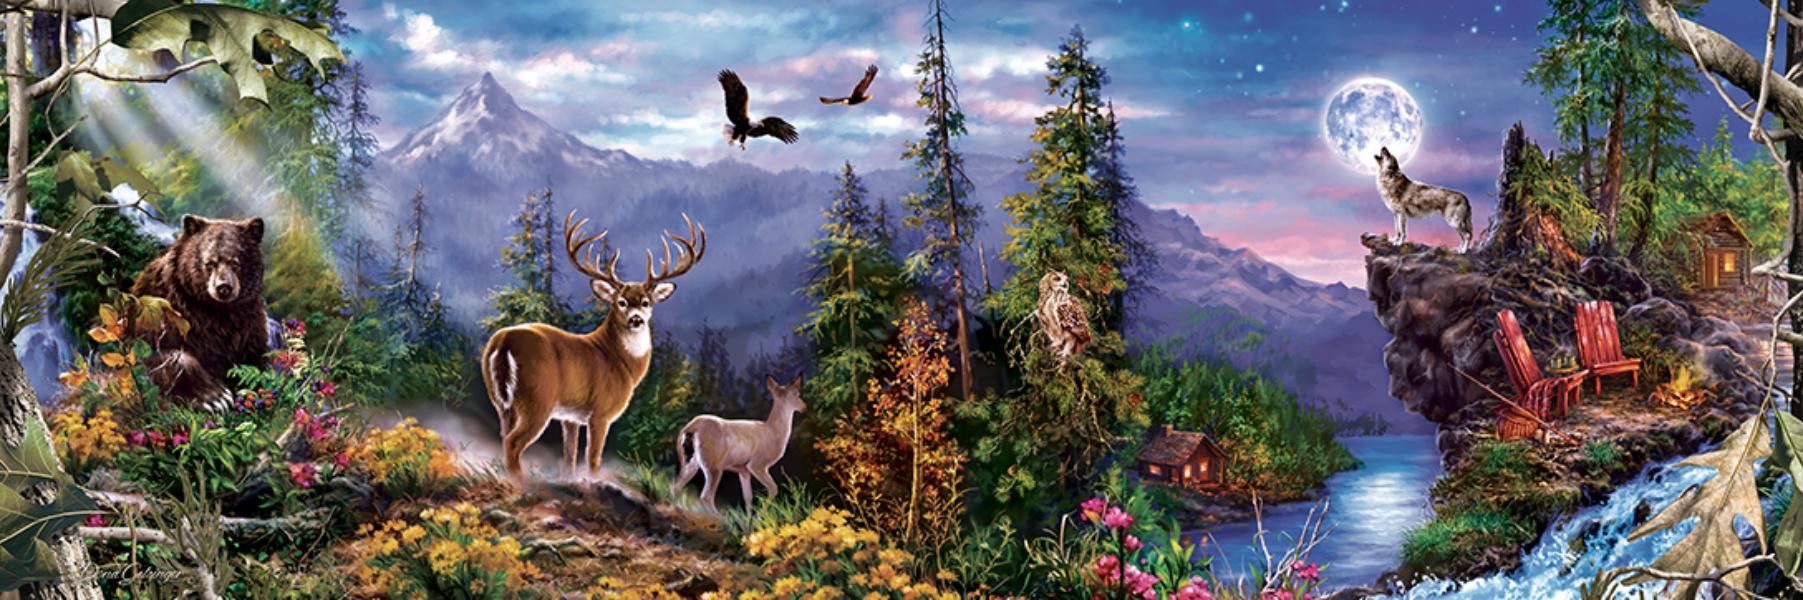 Realtree Panoramic Wildlife Jigsaw Puzzle